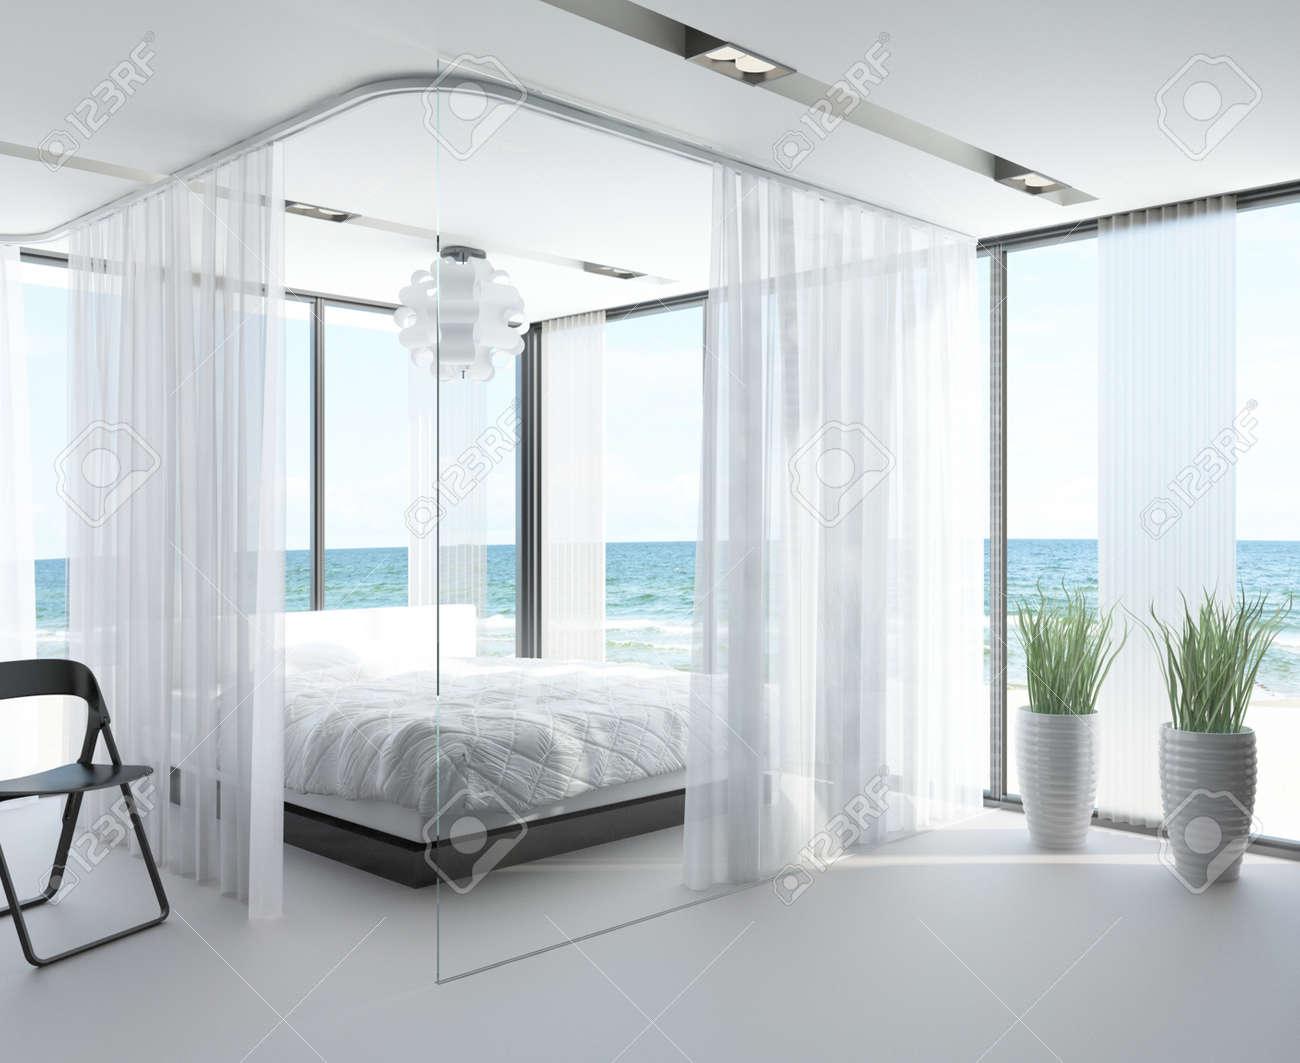 Modern design bedroom interior with seascape view Archivio Fotografico - 20074269